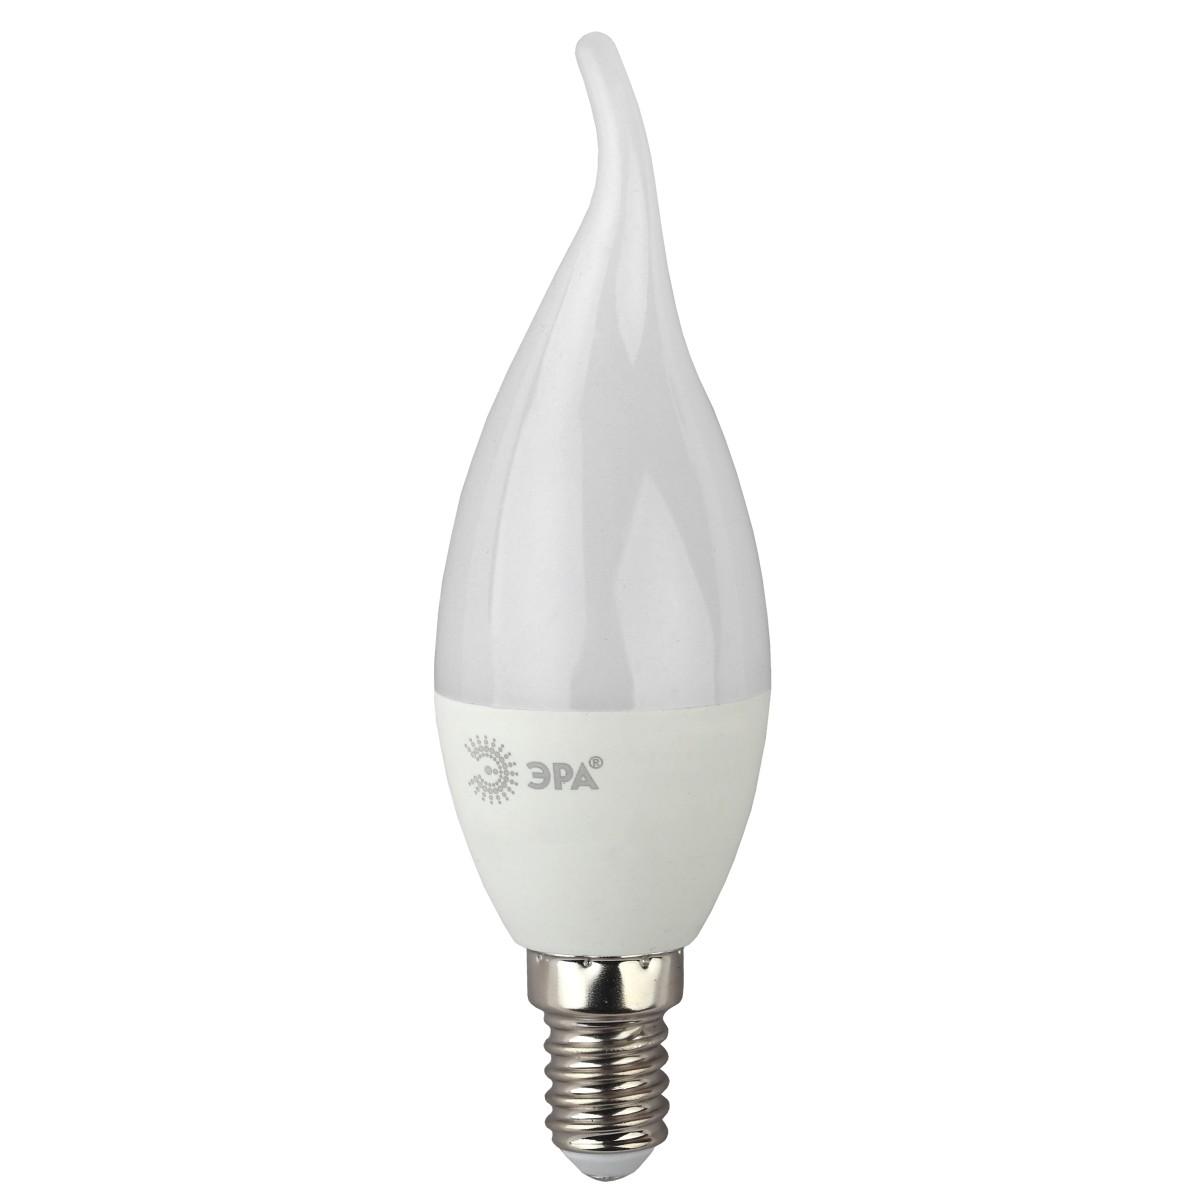 Лампа Эра  E14 5 Вт свеча на ветру 400 Лм нейтральный